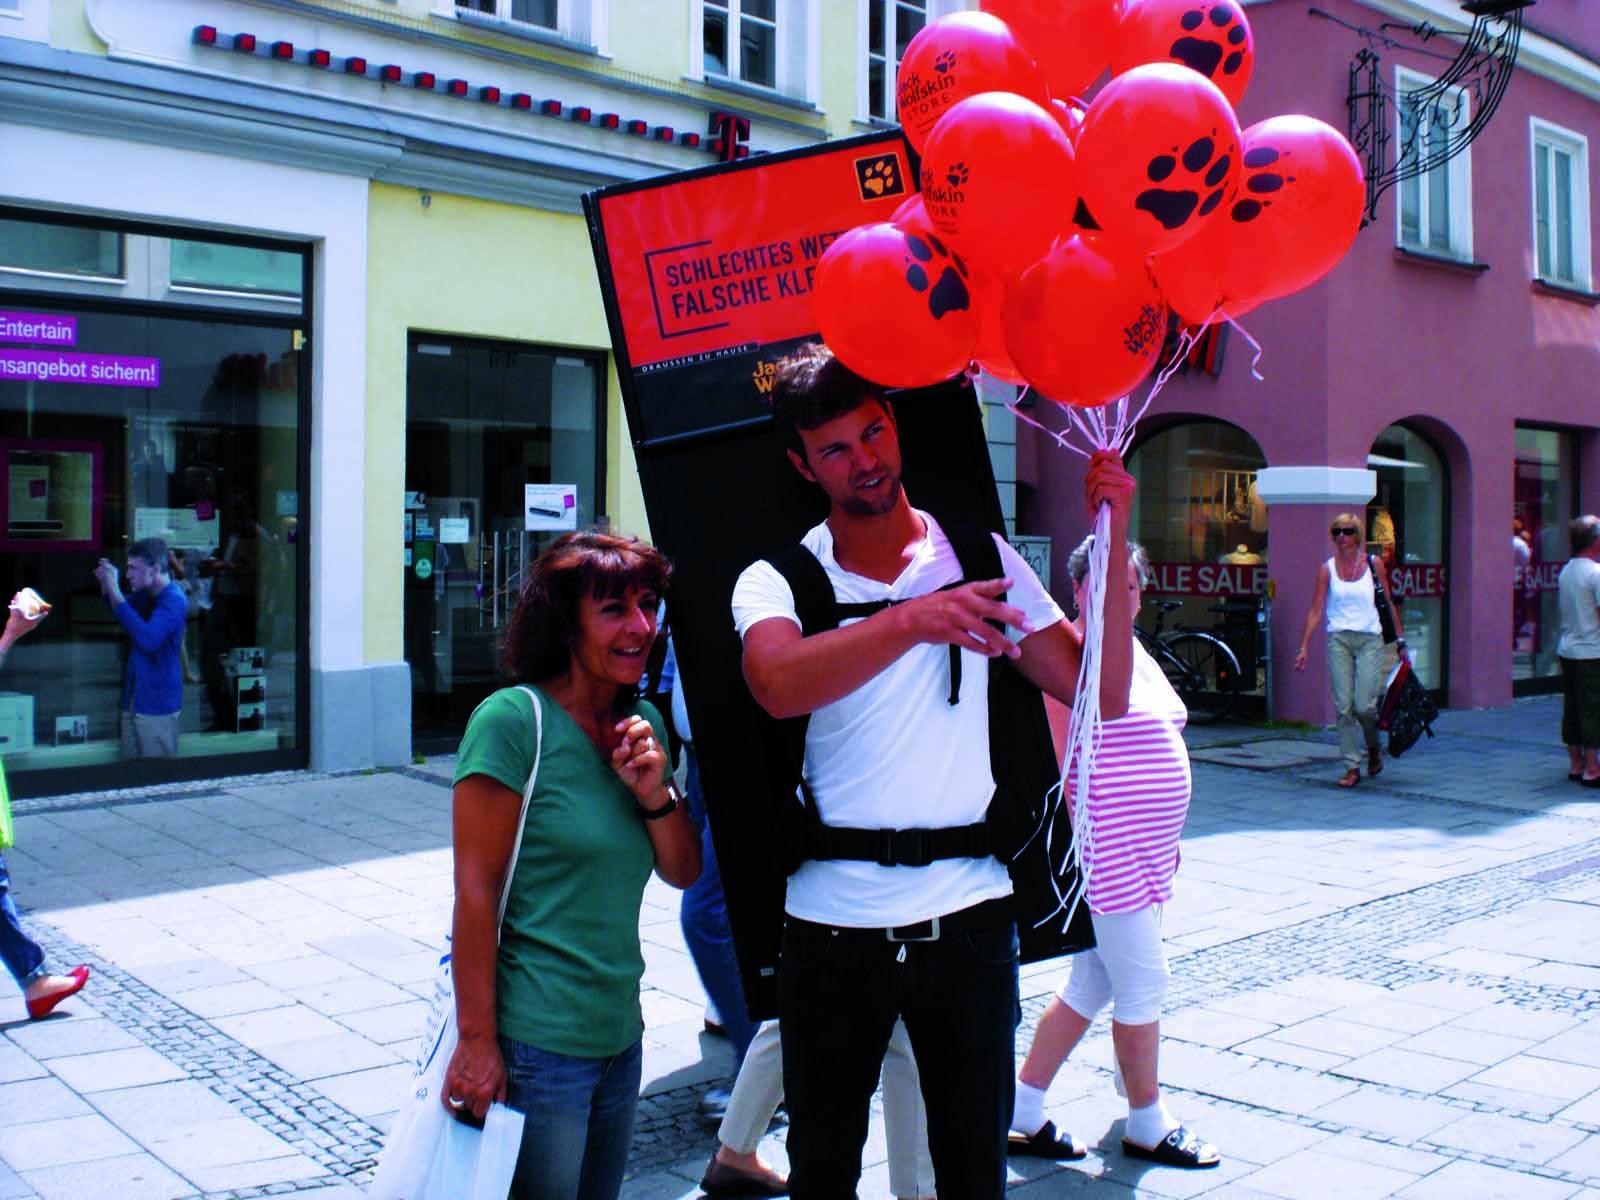 MovingBoard-Aktion von inovisco mit Luftballon-Verteilung in der Fußgängerzone